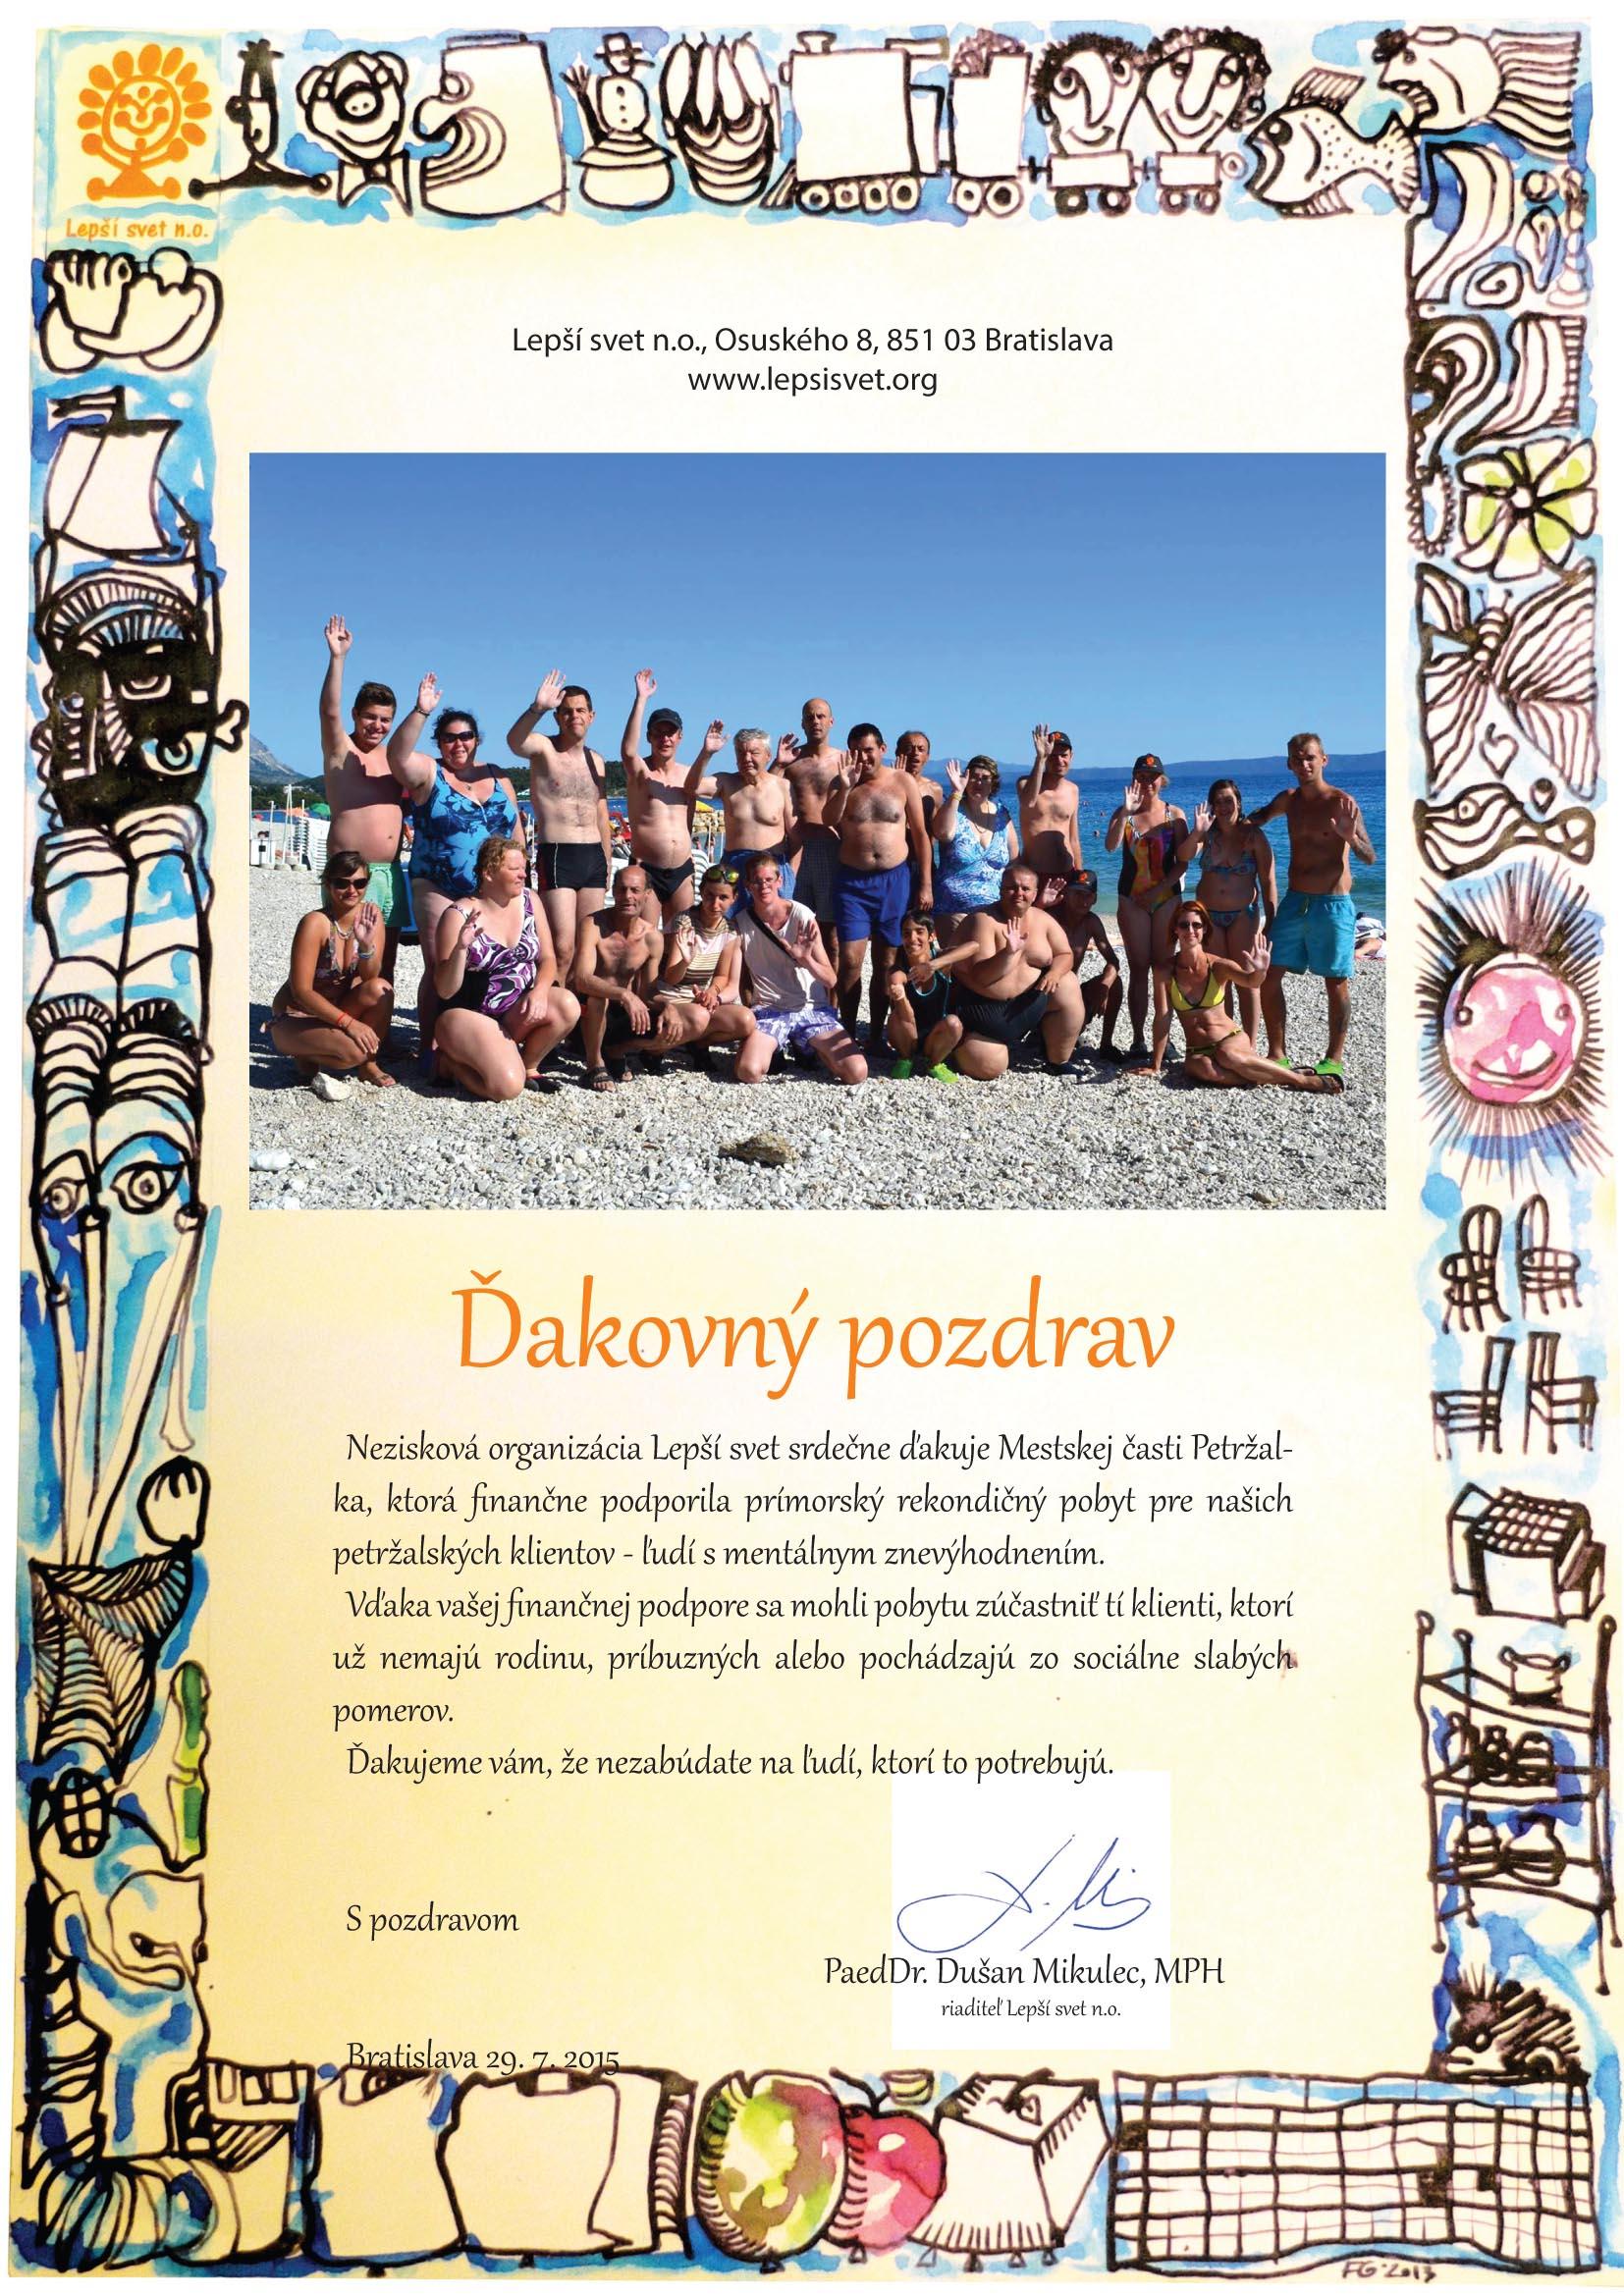 dakovny_pozdrav_Petrzalka